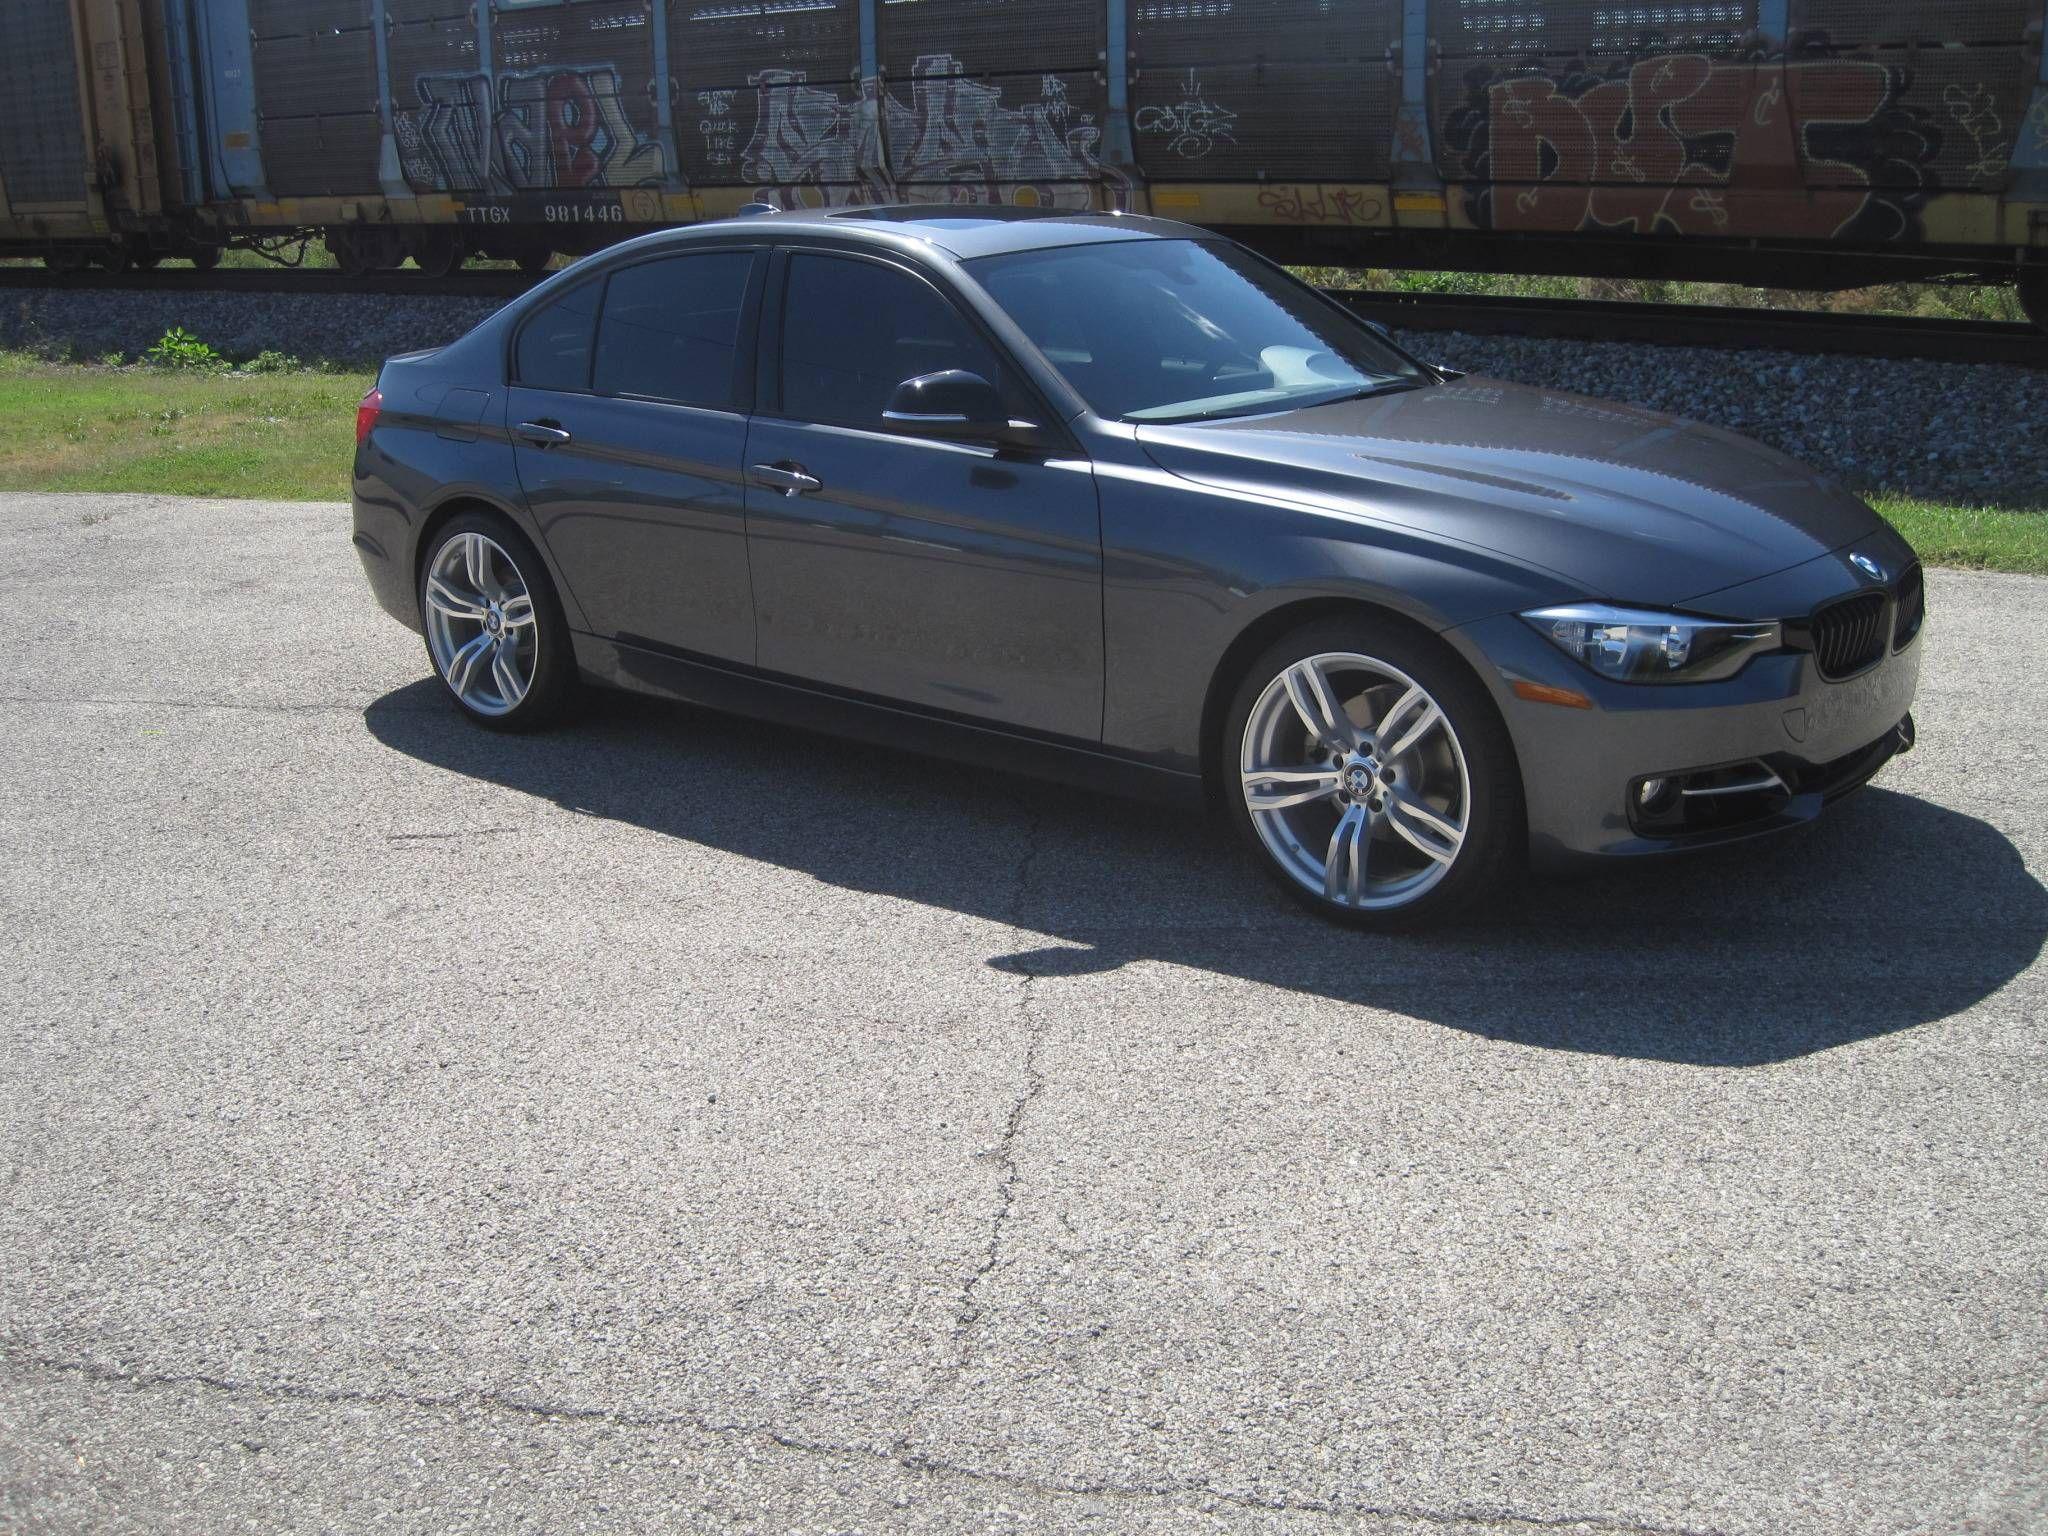 2013 BMW 3-Series #bmw